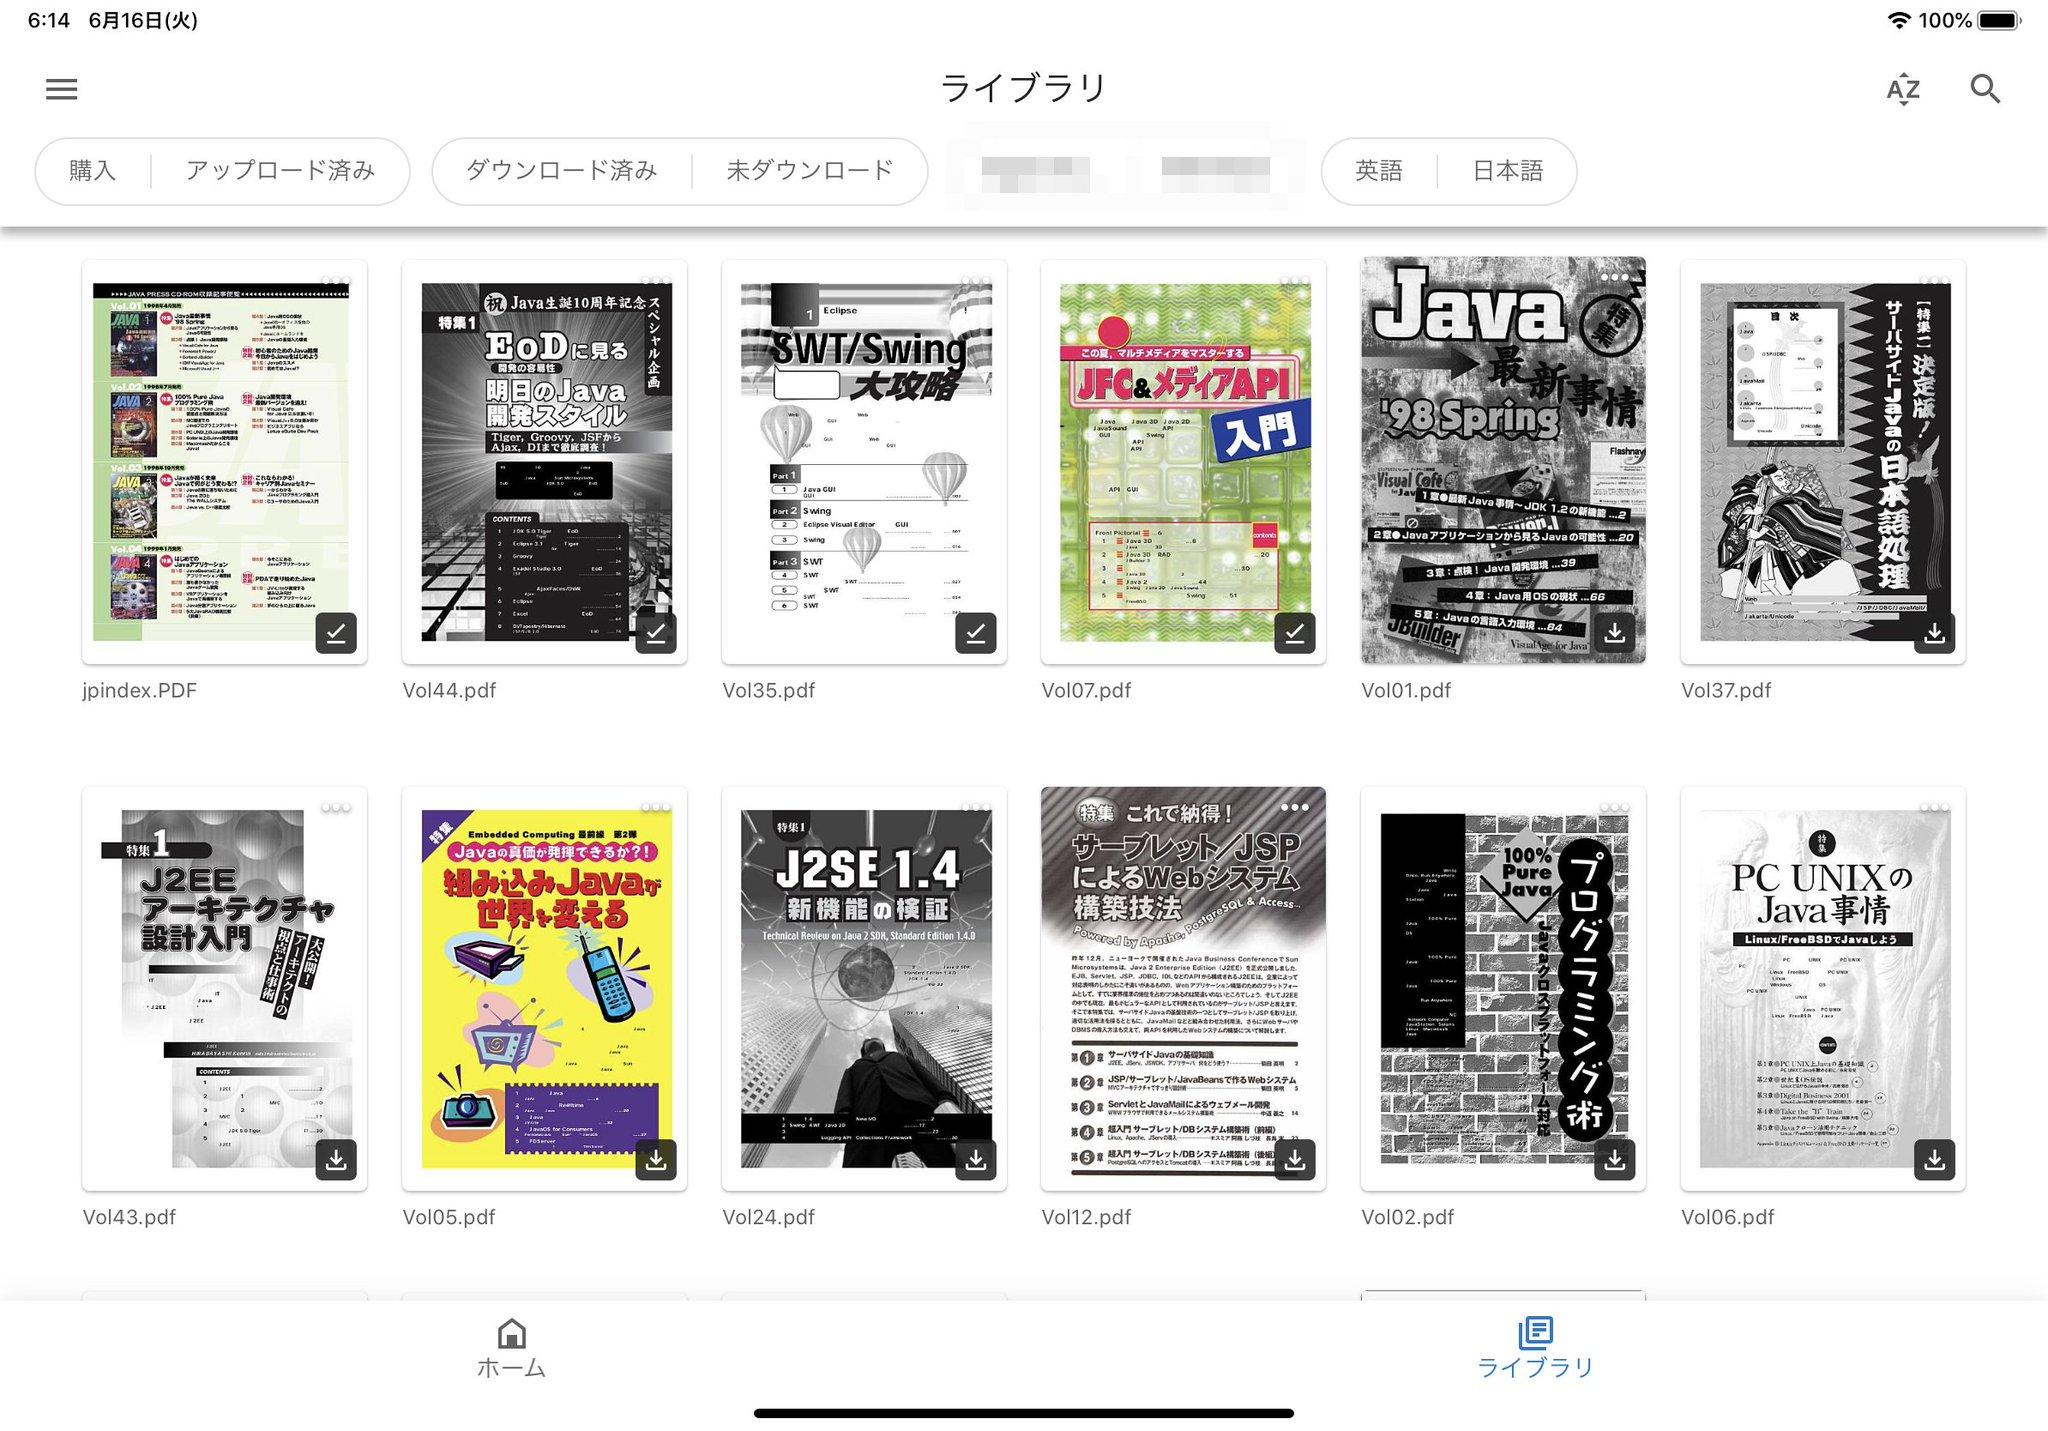 JAVA PRESS の昔の PDF を Google Play Books にアップロードすると日本語が抜け落ちる(;・∀・) テキストデータのフォントやら文字コードやらで何かあるのかな。。。Apple Books にもアップロードしてみたけどこちらは特に問題なく日本語も表示されてた。 https://t.co/vF7mVco2DE